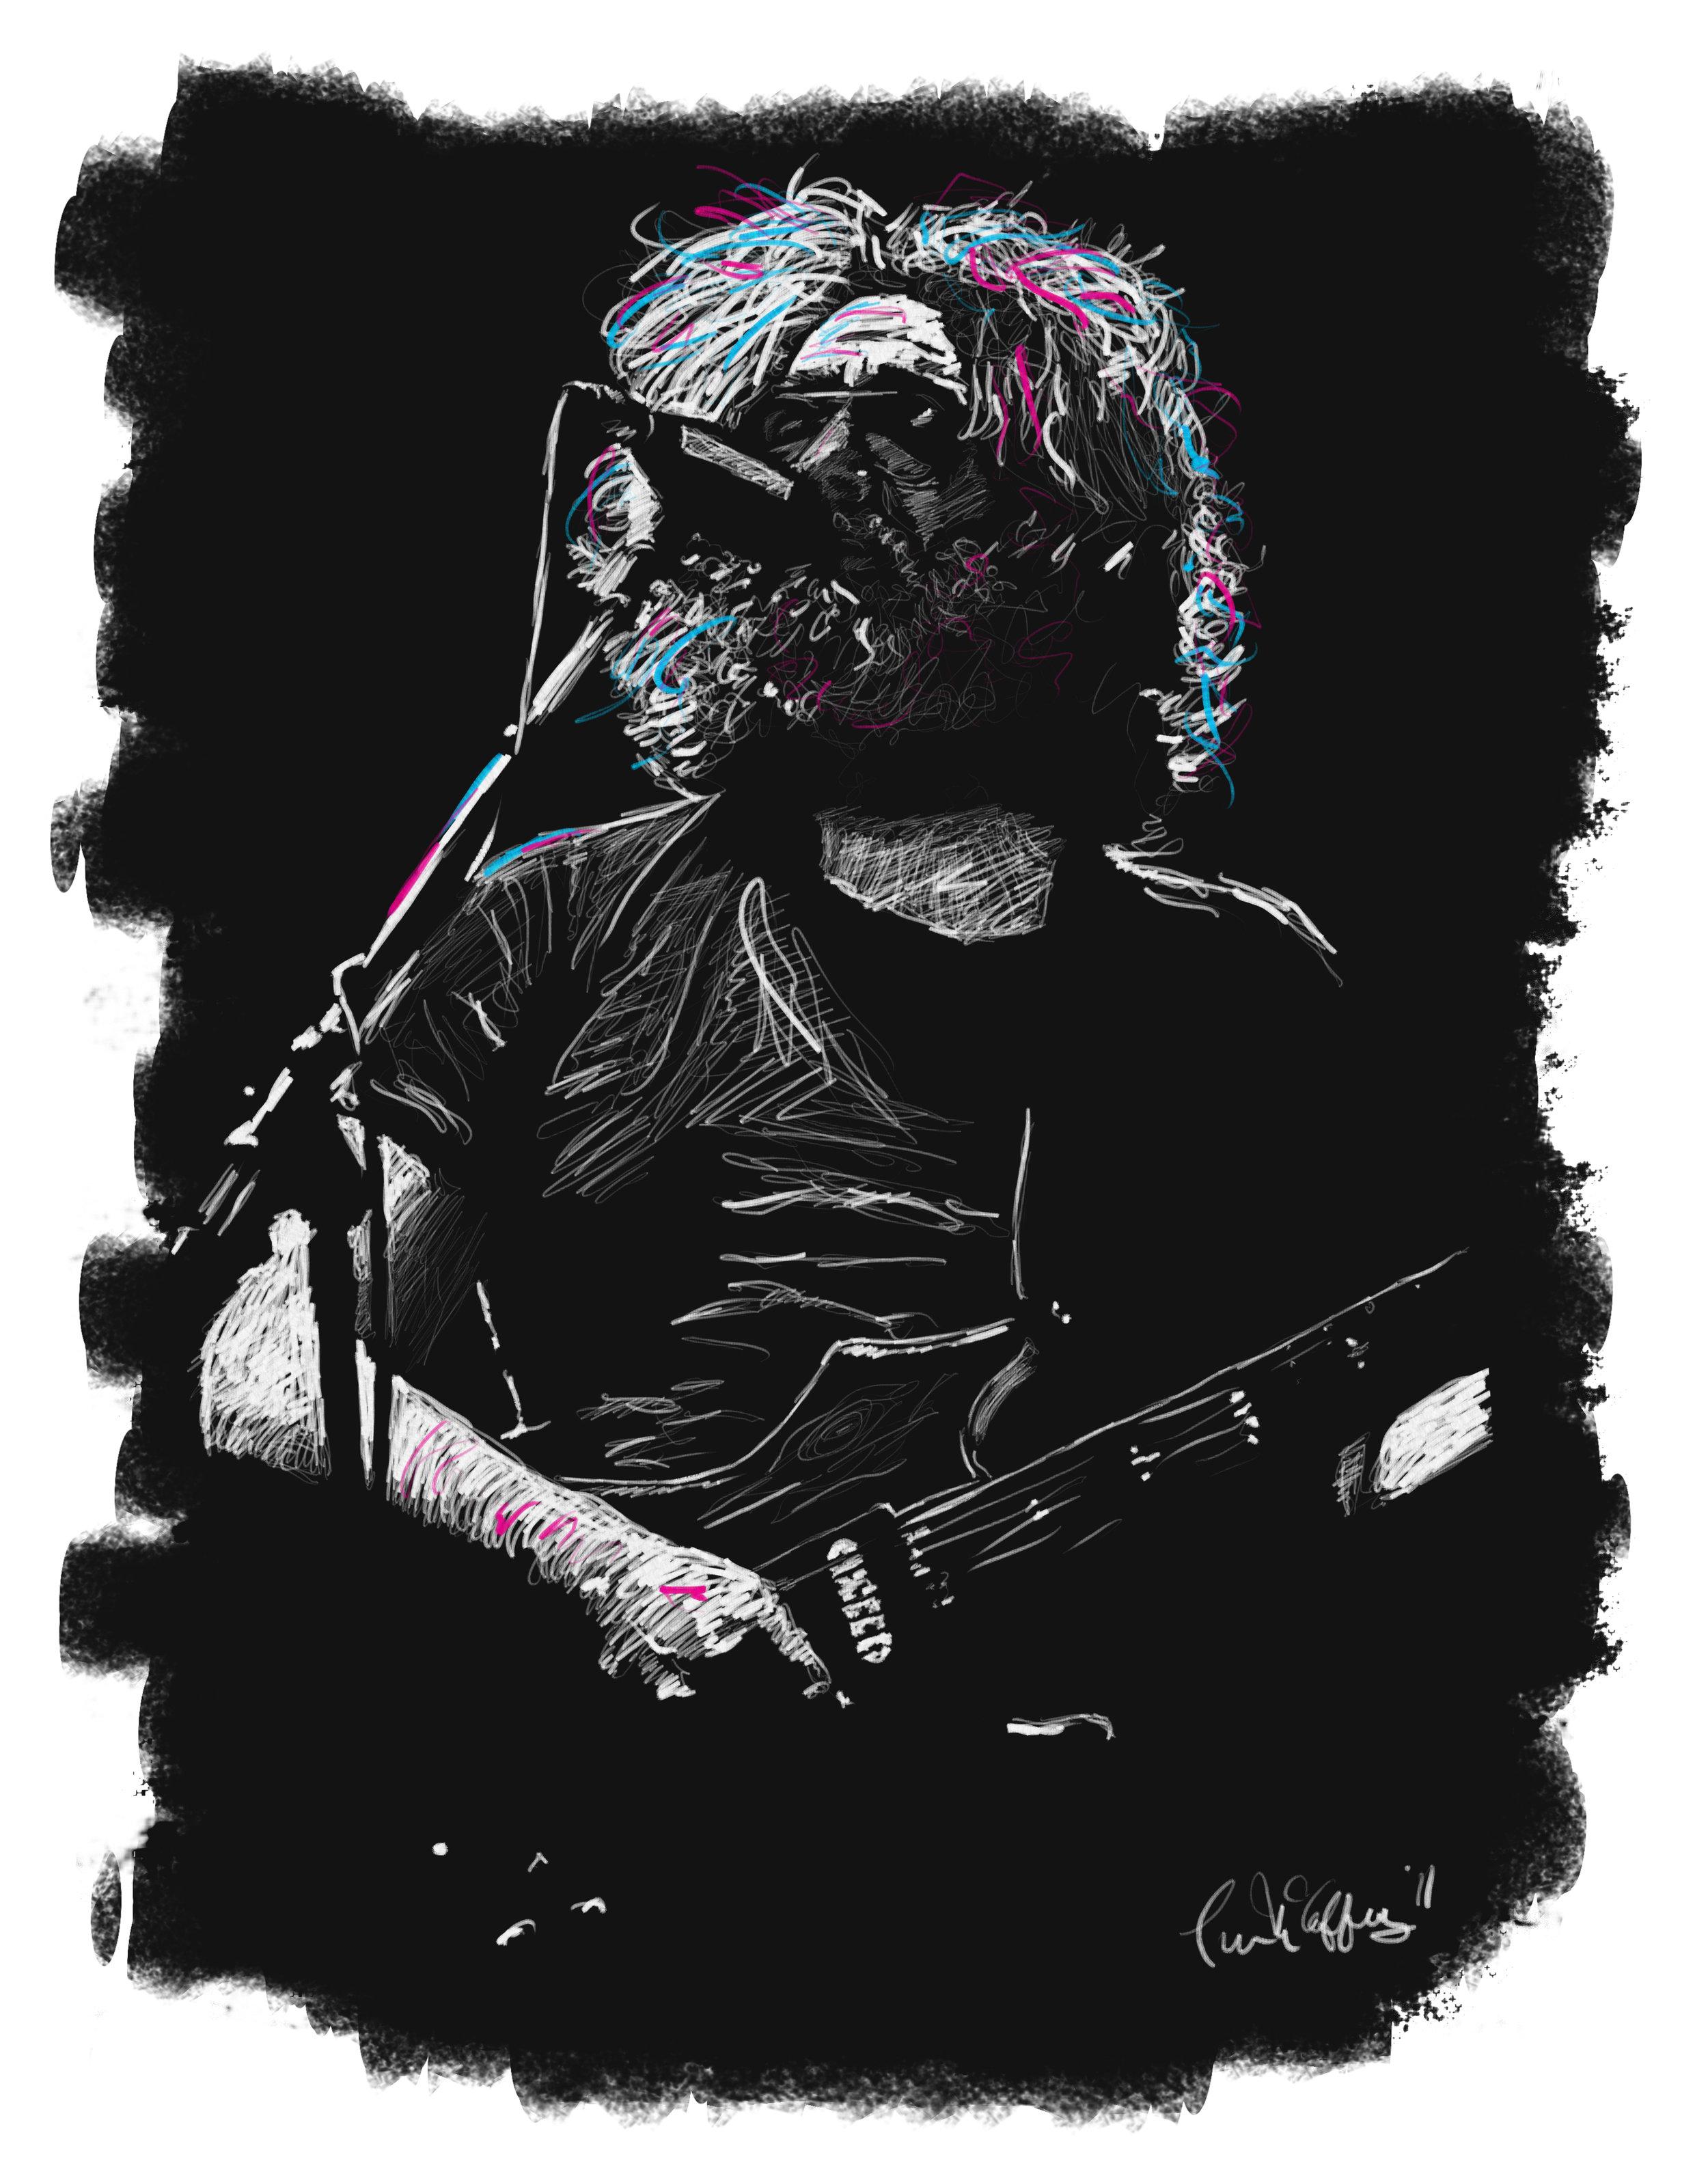 Jerry Garcia - Grateful Dead